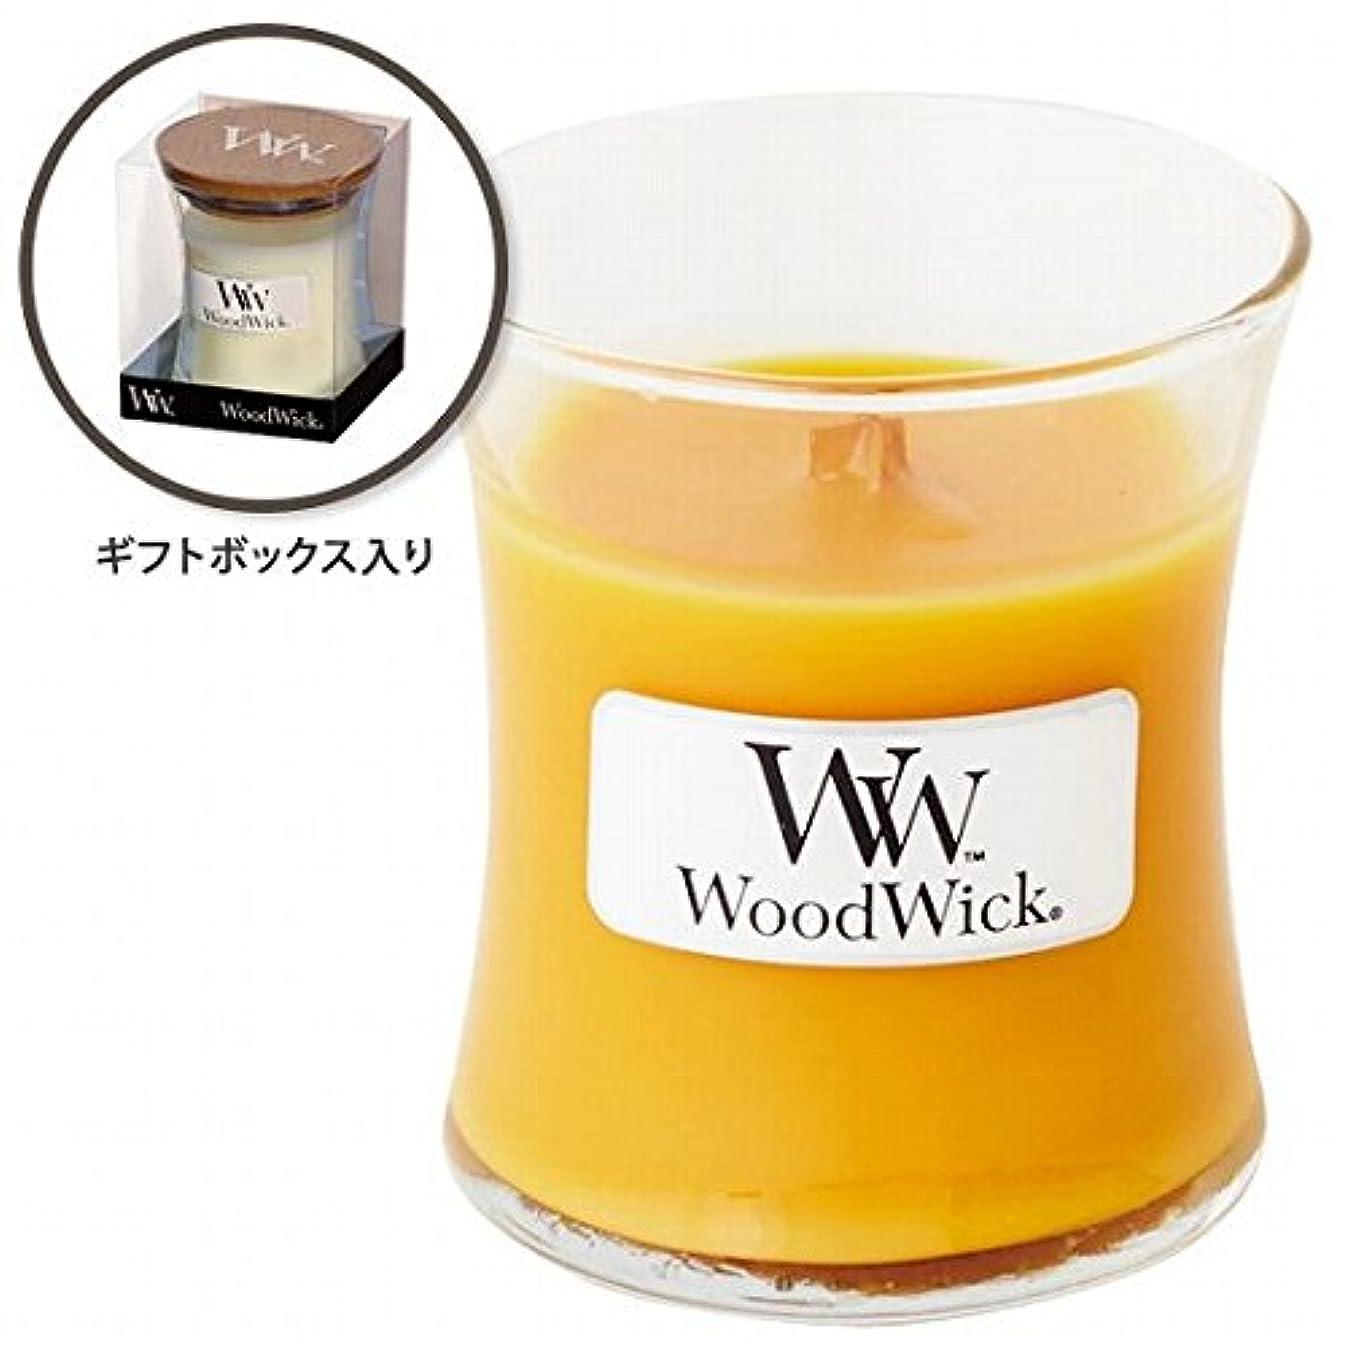 私達乳白色なんとなくウッドウィック( WoodWick ) Wood WickジャーS 「スパークリングオレンジ」